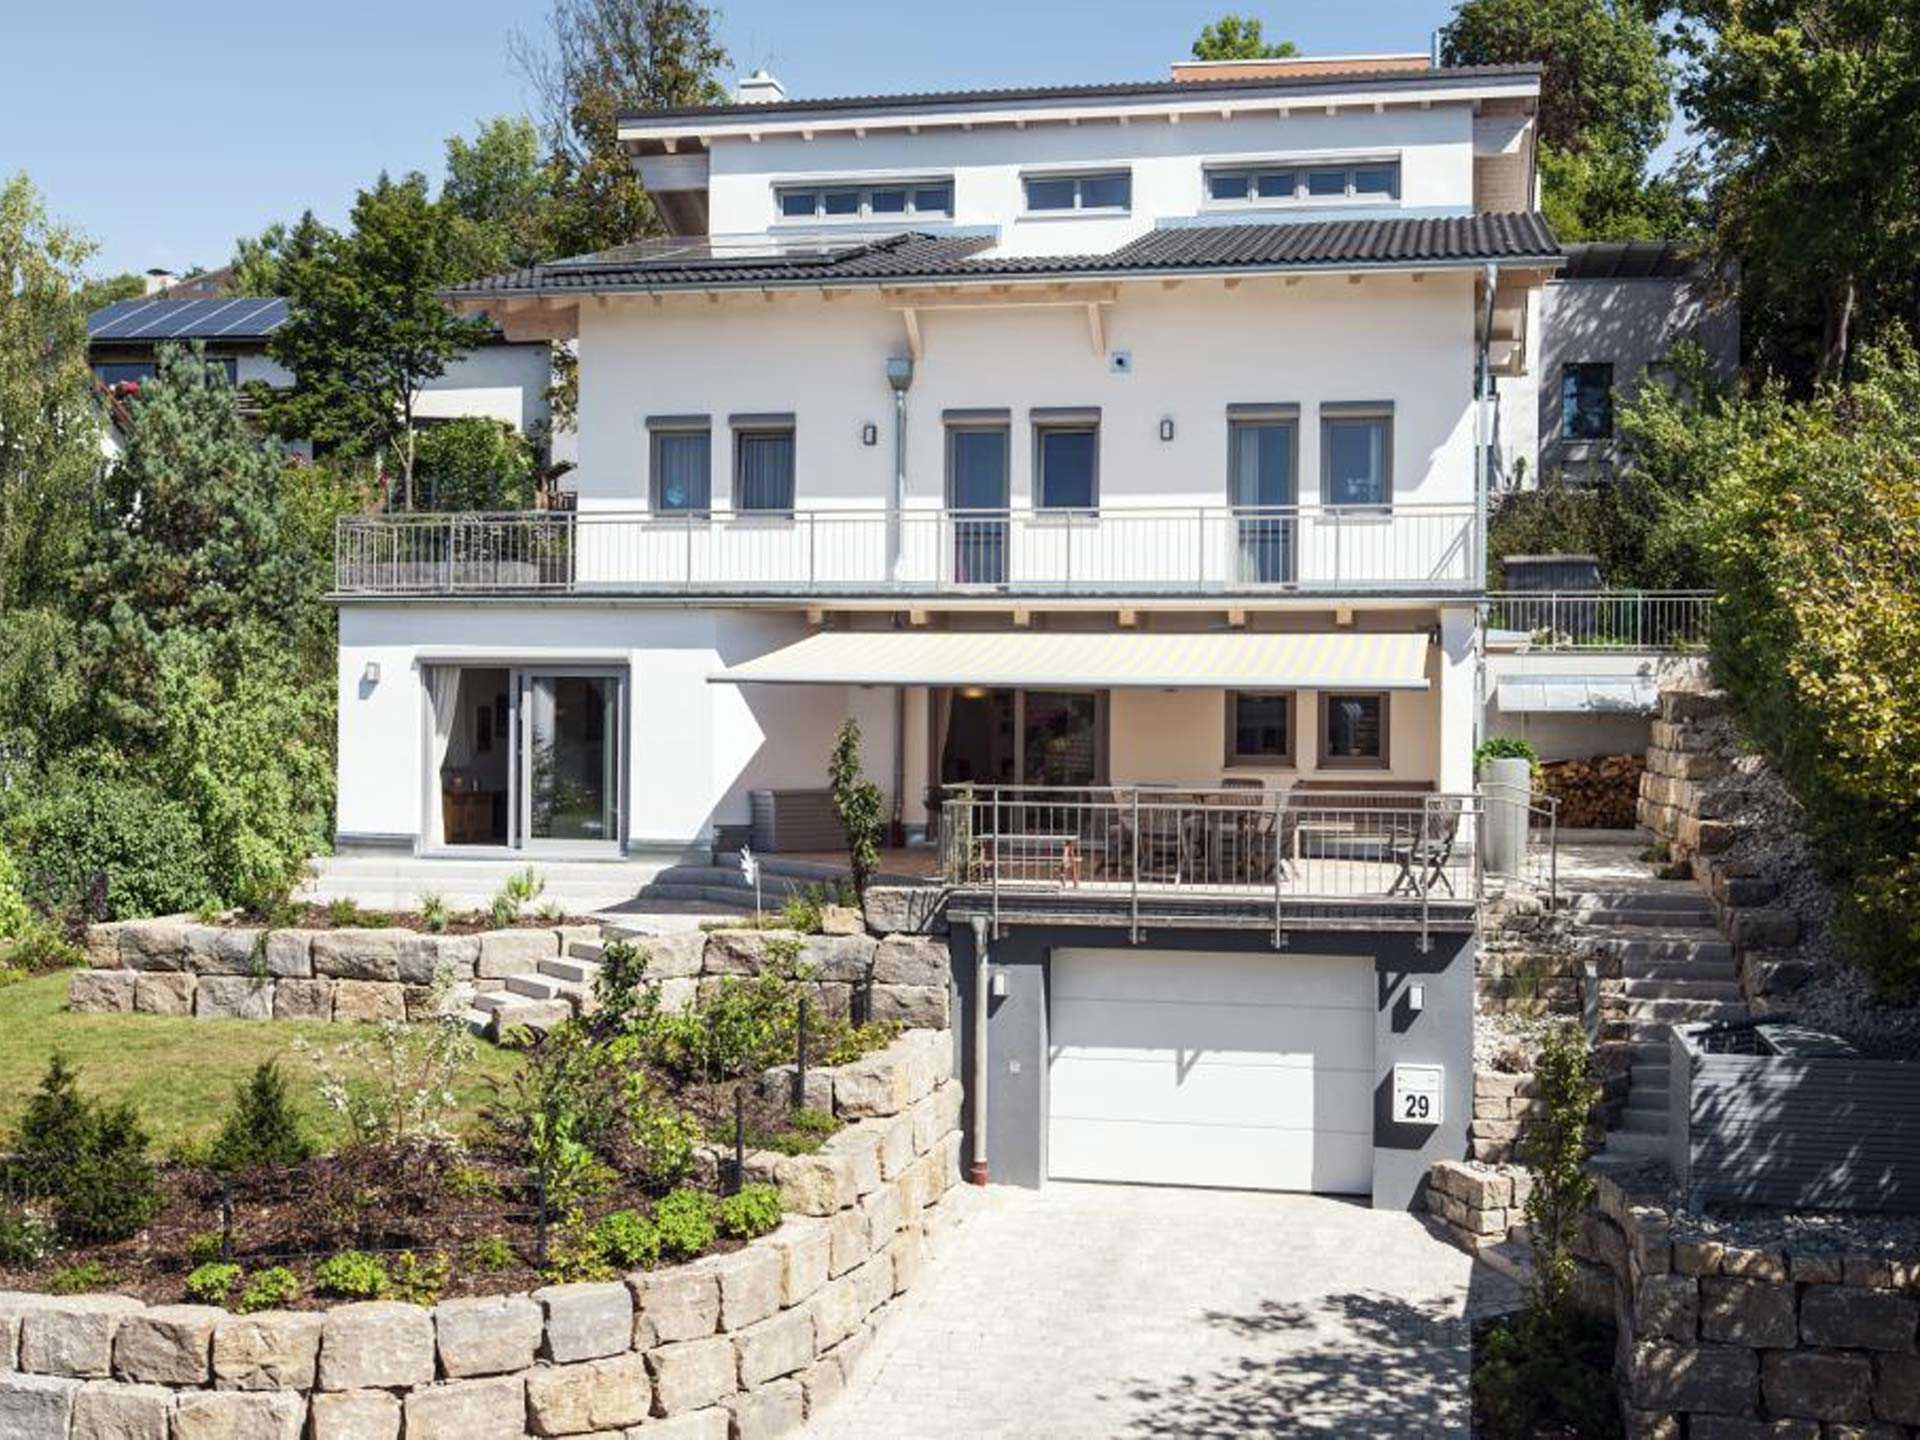 Isartaler Holzhaus Haus Weißensee